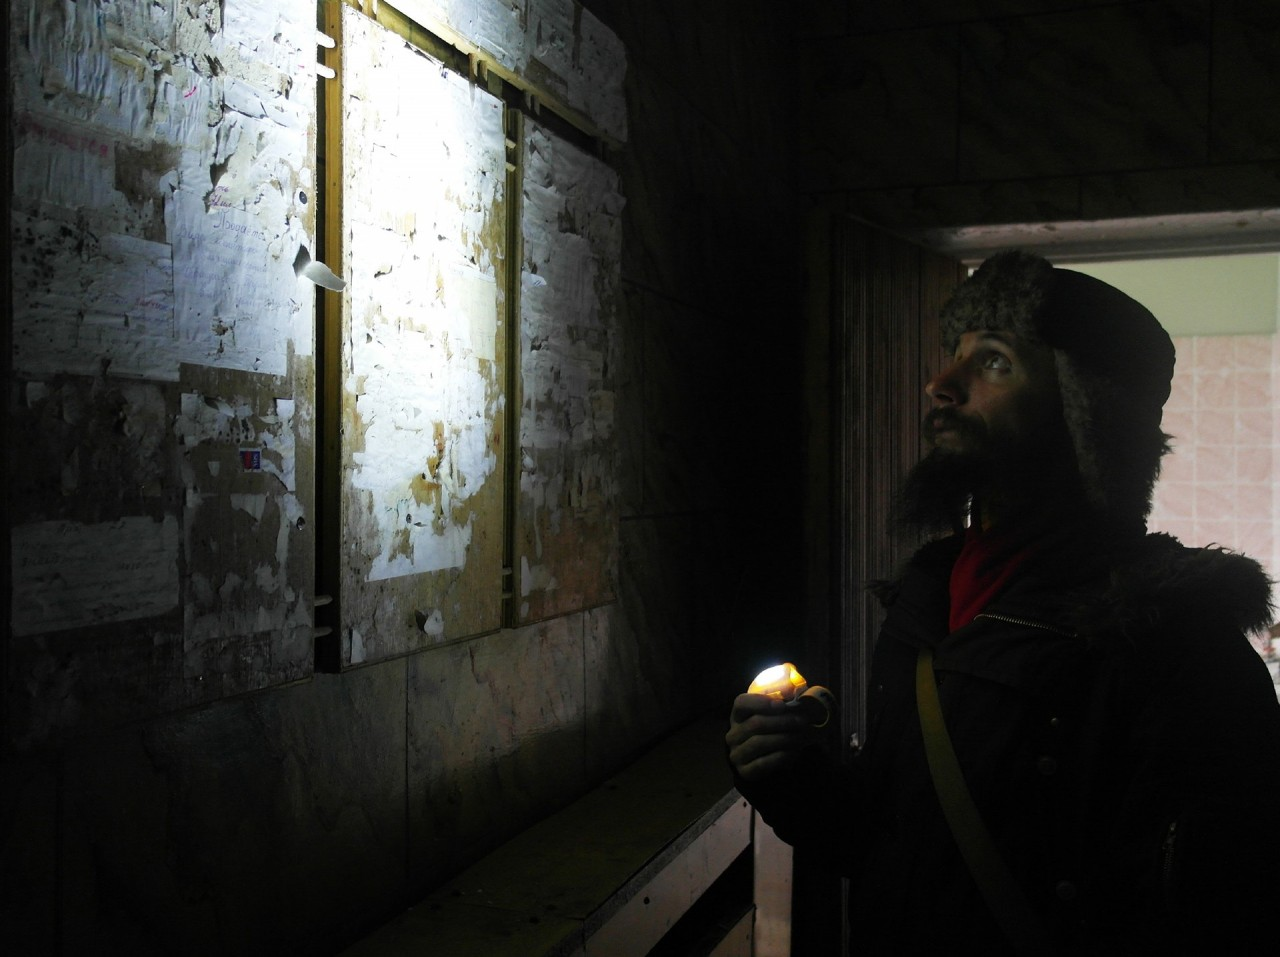 Украинский Шпицберген: Место, где нельзя рожать, напиваться и гулять без ружья жизнь